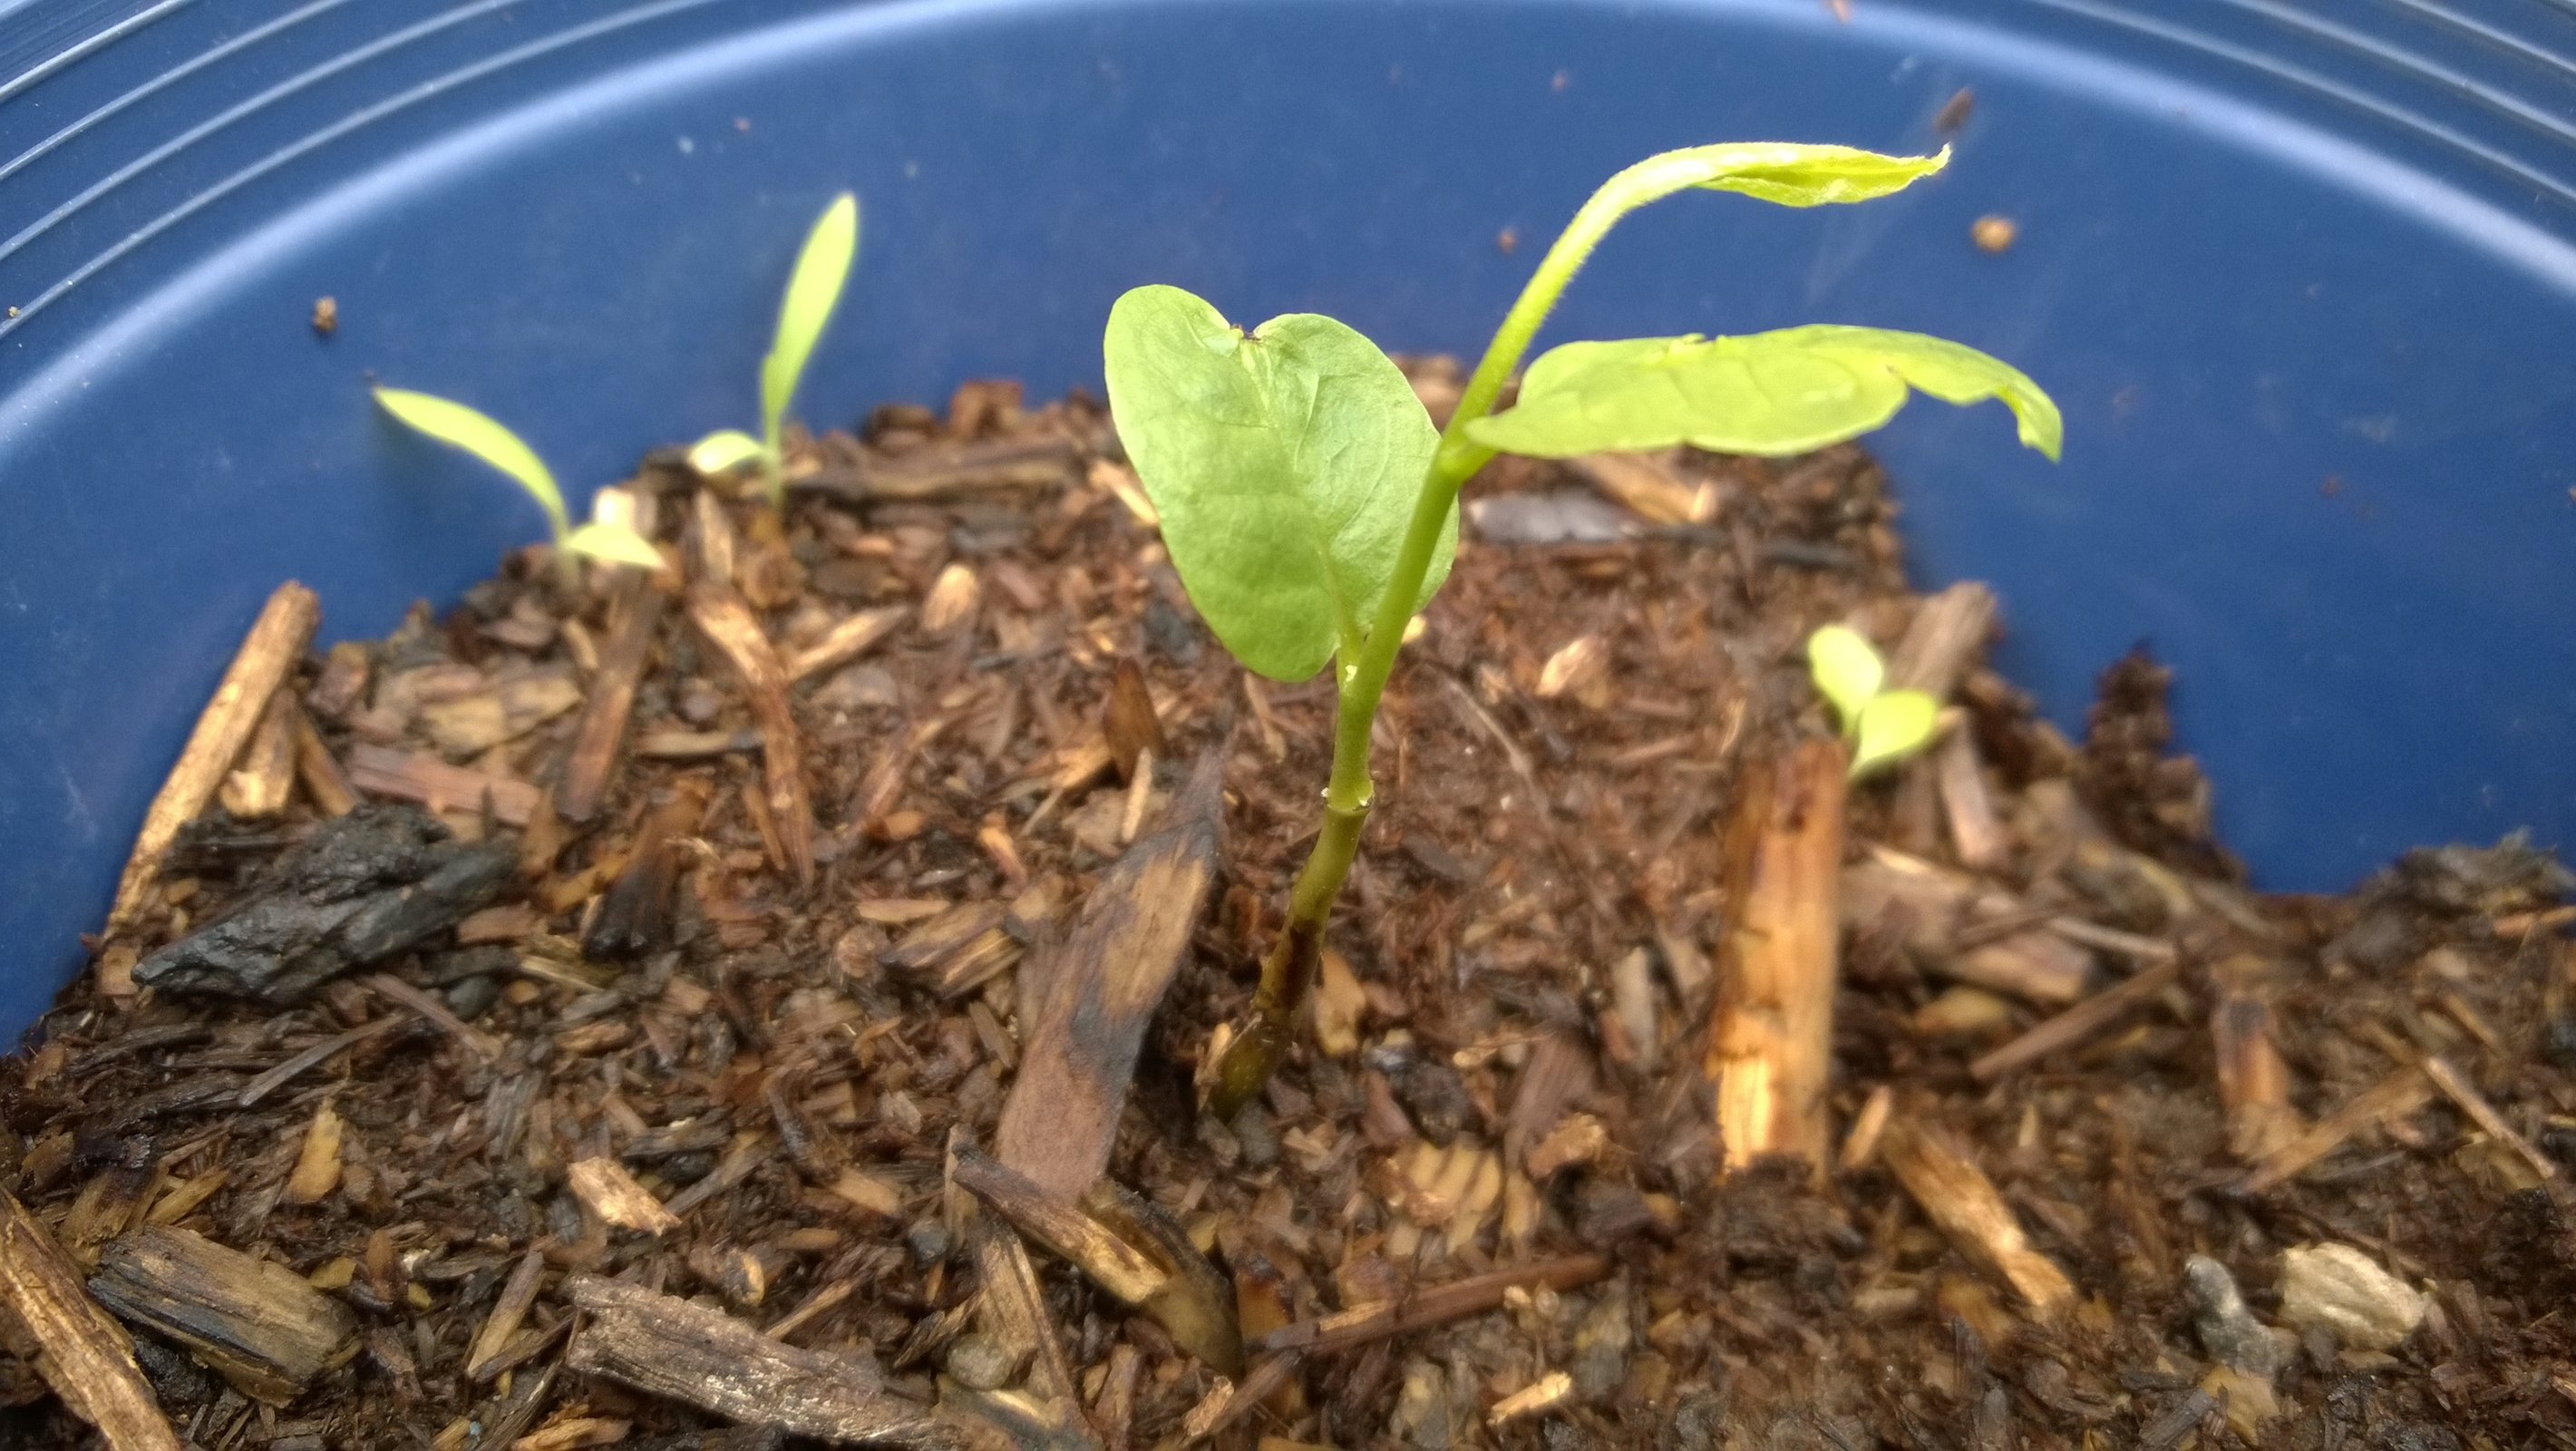 Starting pawpaw seeds - General Fruit Growing - Growing Fruit